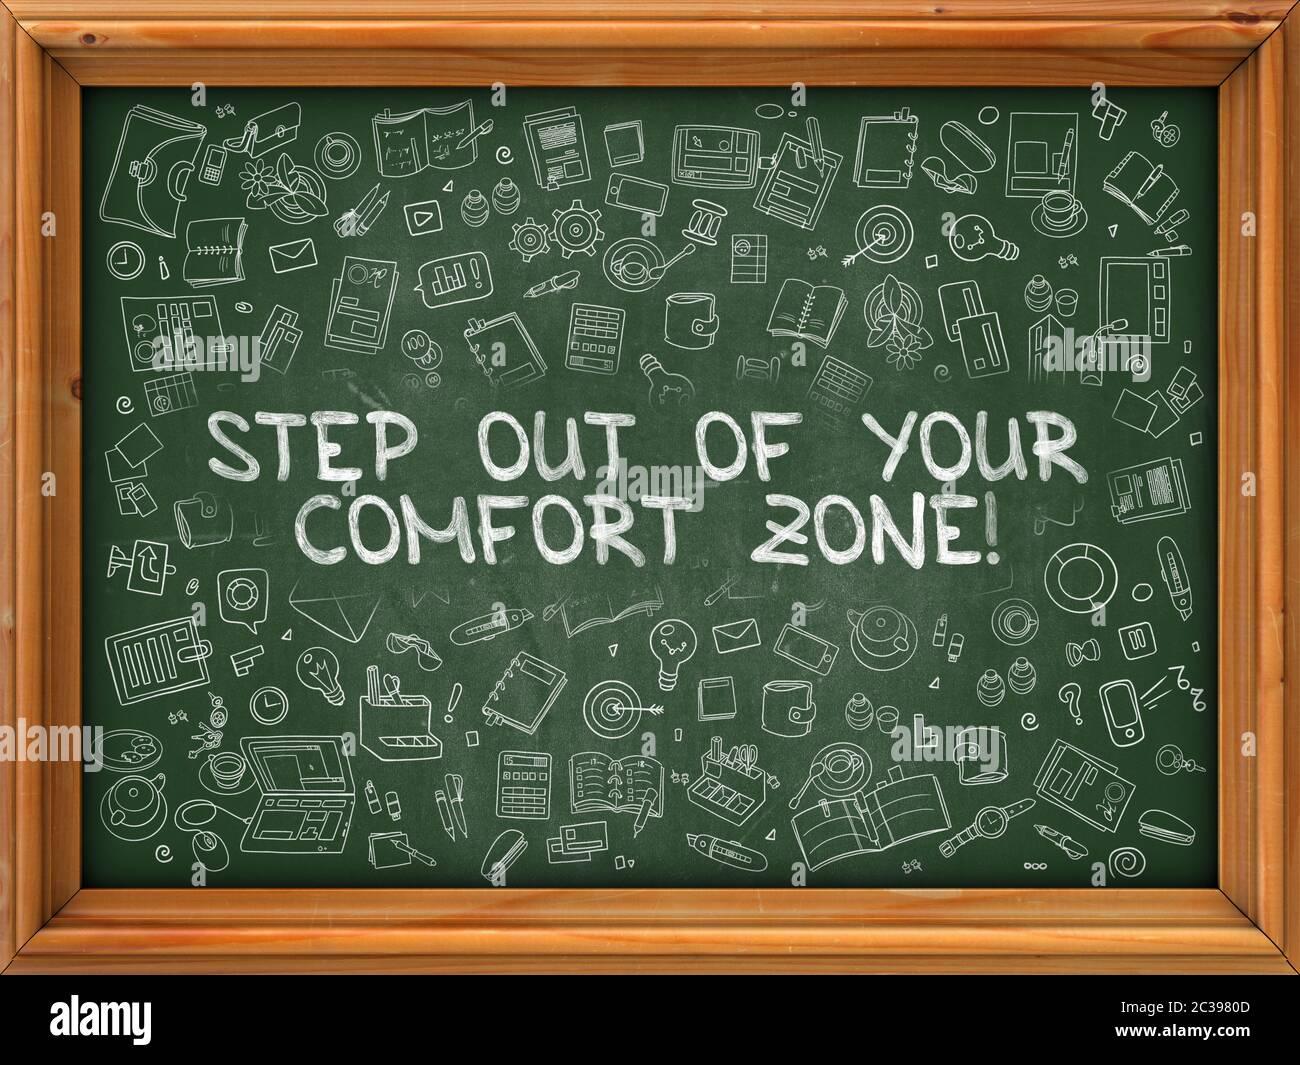 Salga de su Zona de Confort - dibujado a mano en Pizarra. Salga de su zona de confort con los iconos de Doodle alrededor. Foto de stock